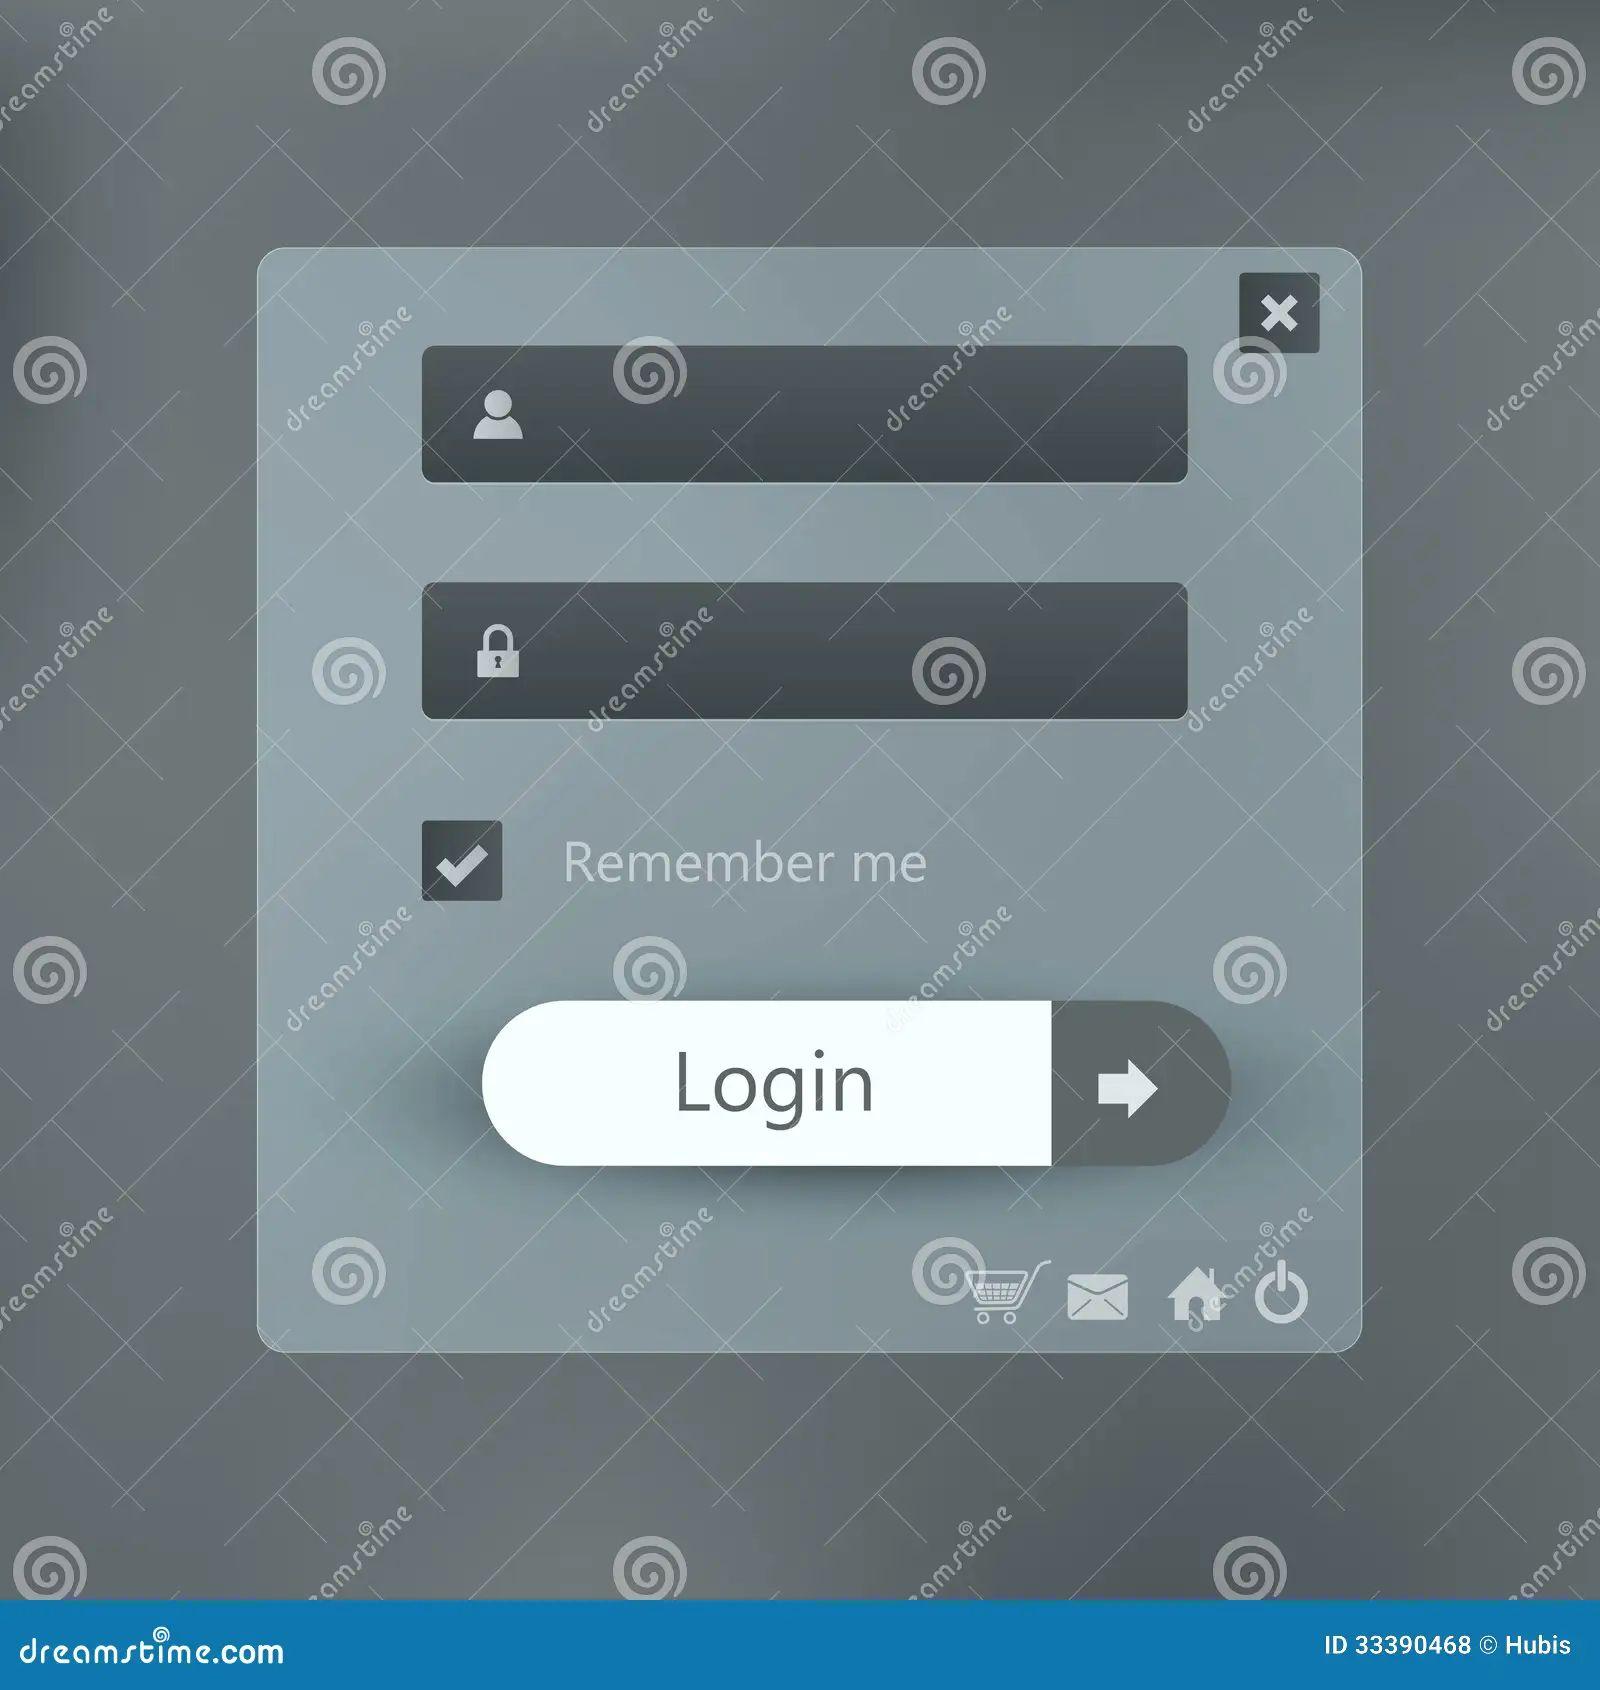 registration form download free